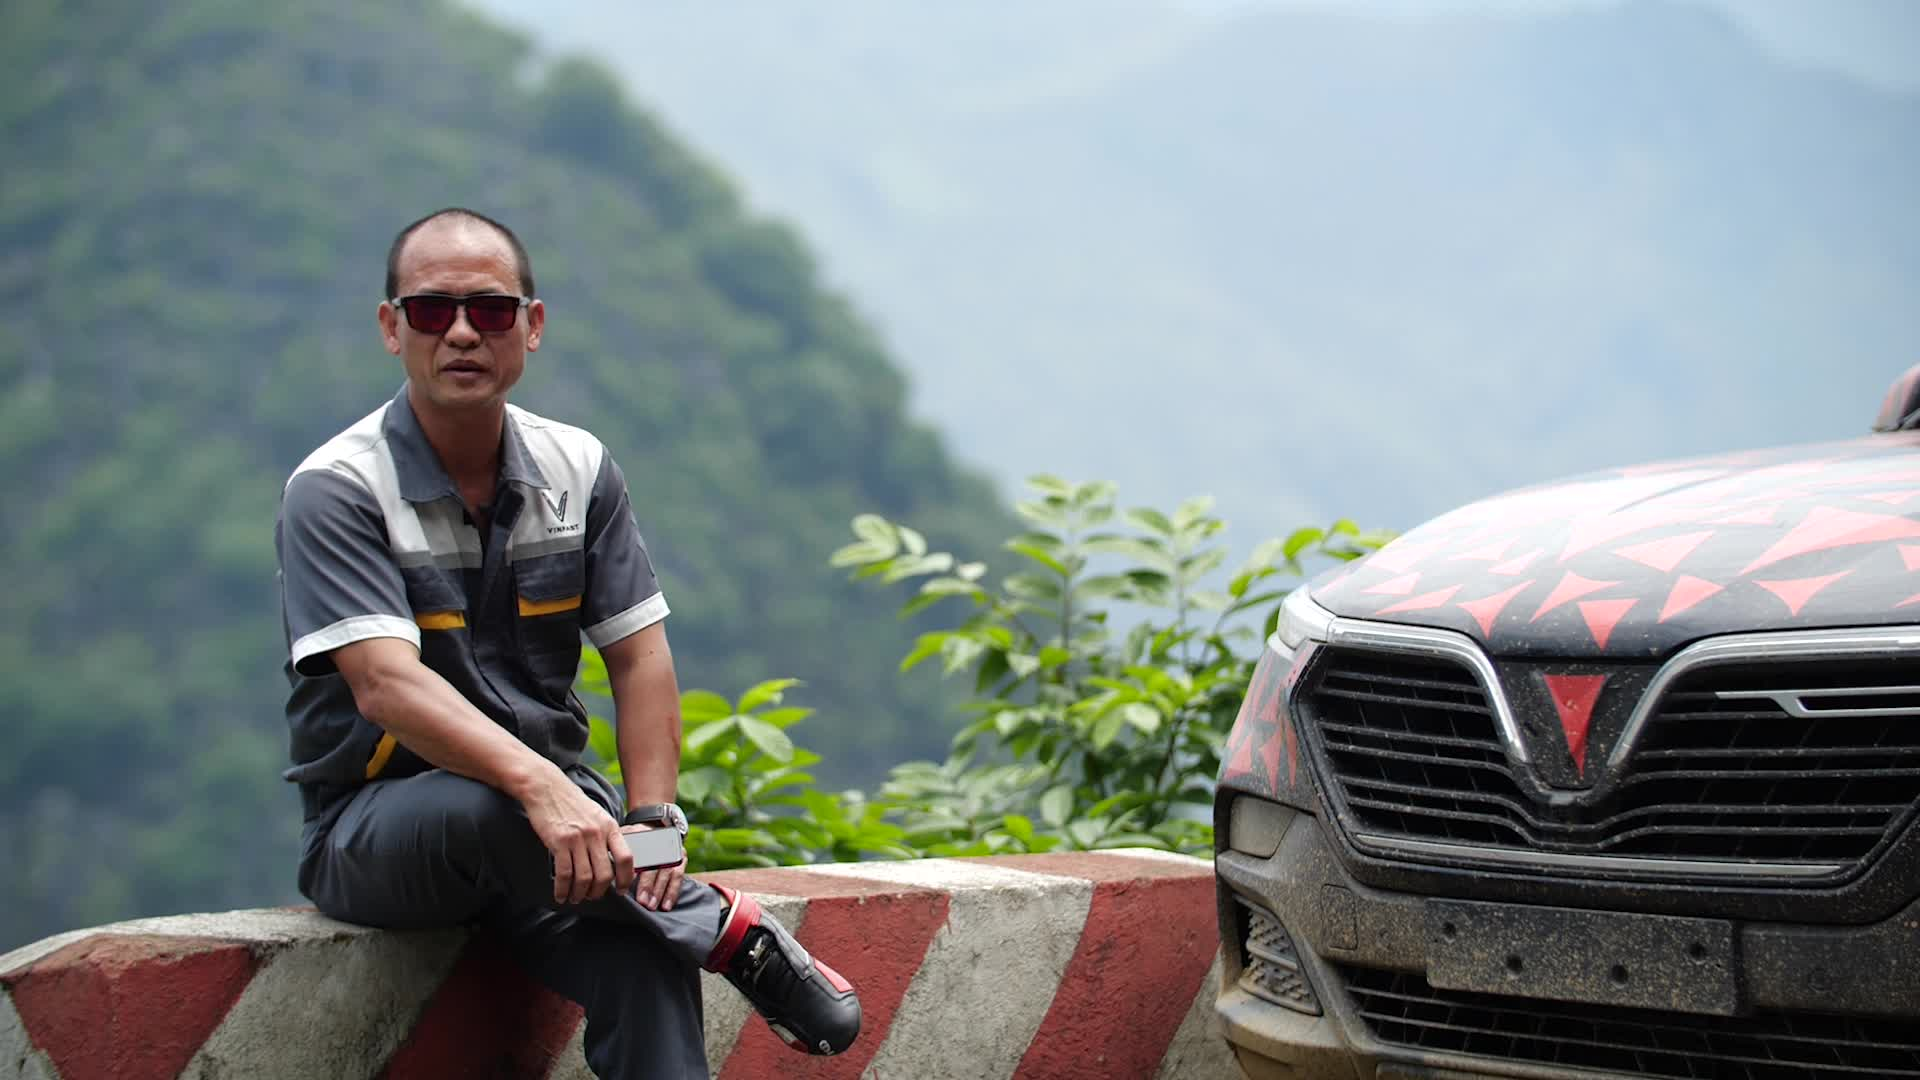 Hải Kar nói gì về VinFast Lux sau hành trình xuyên Việt?